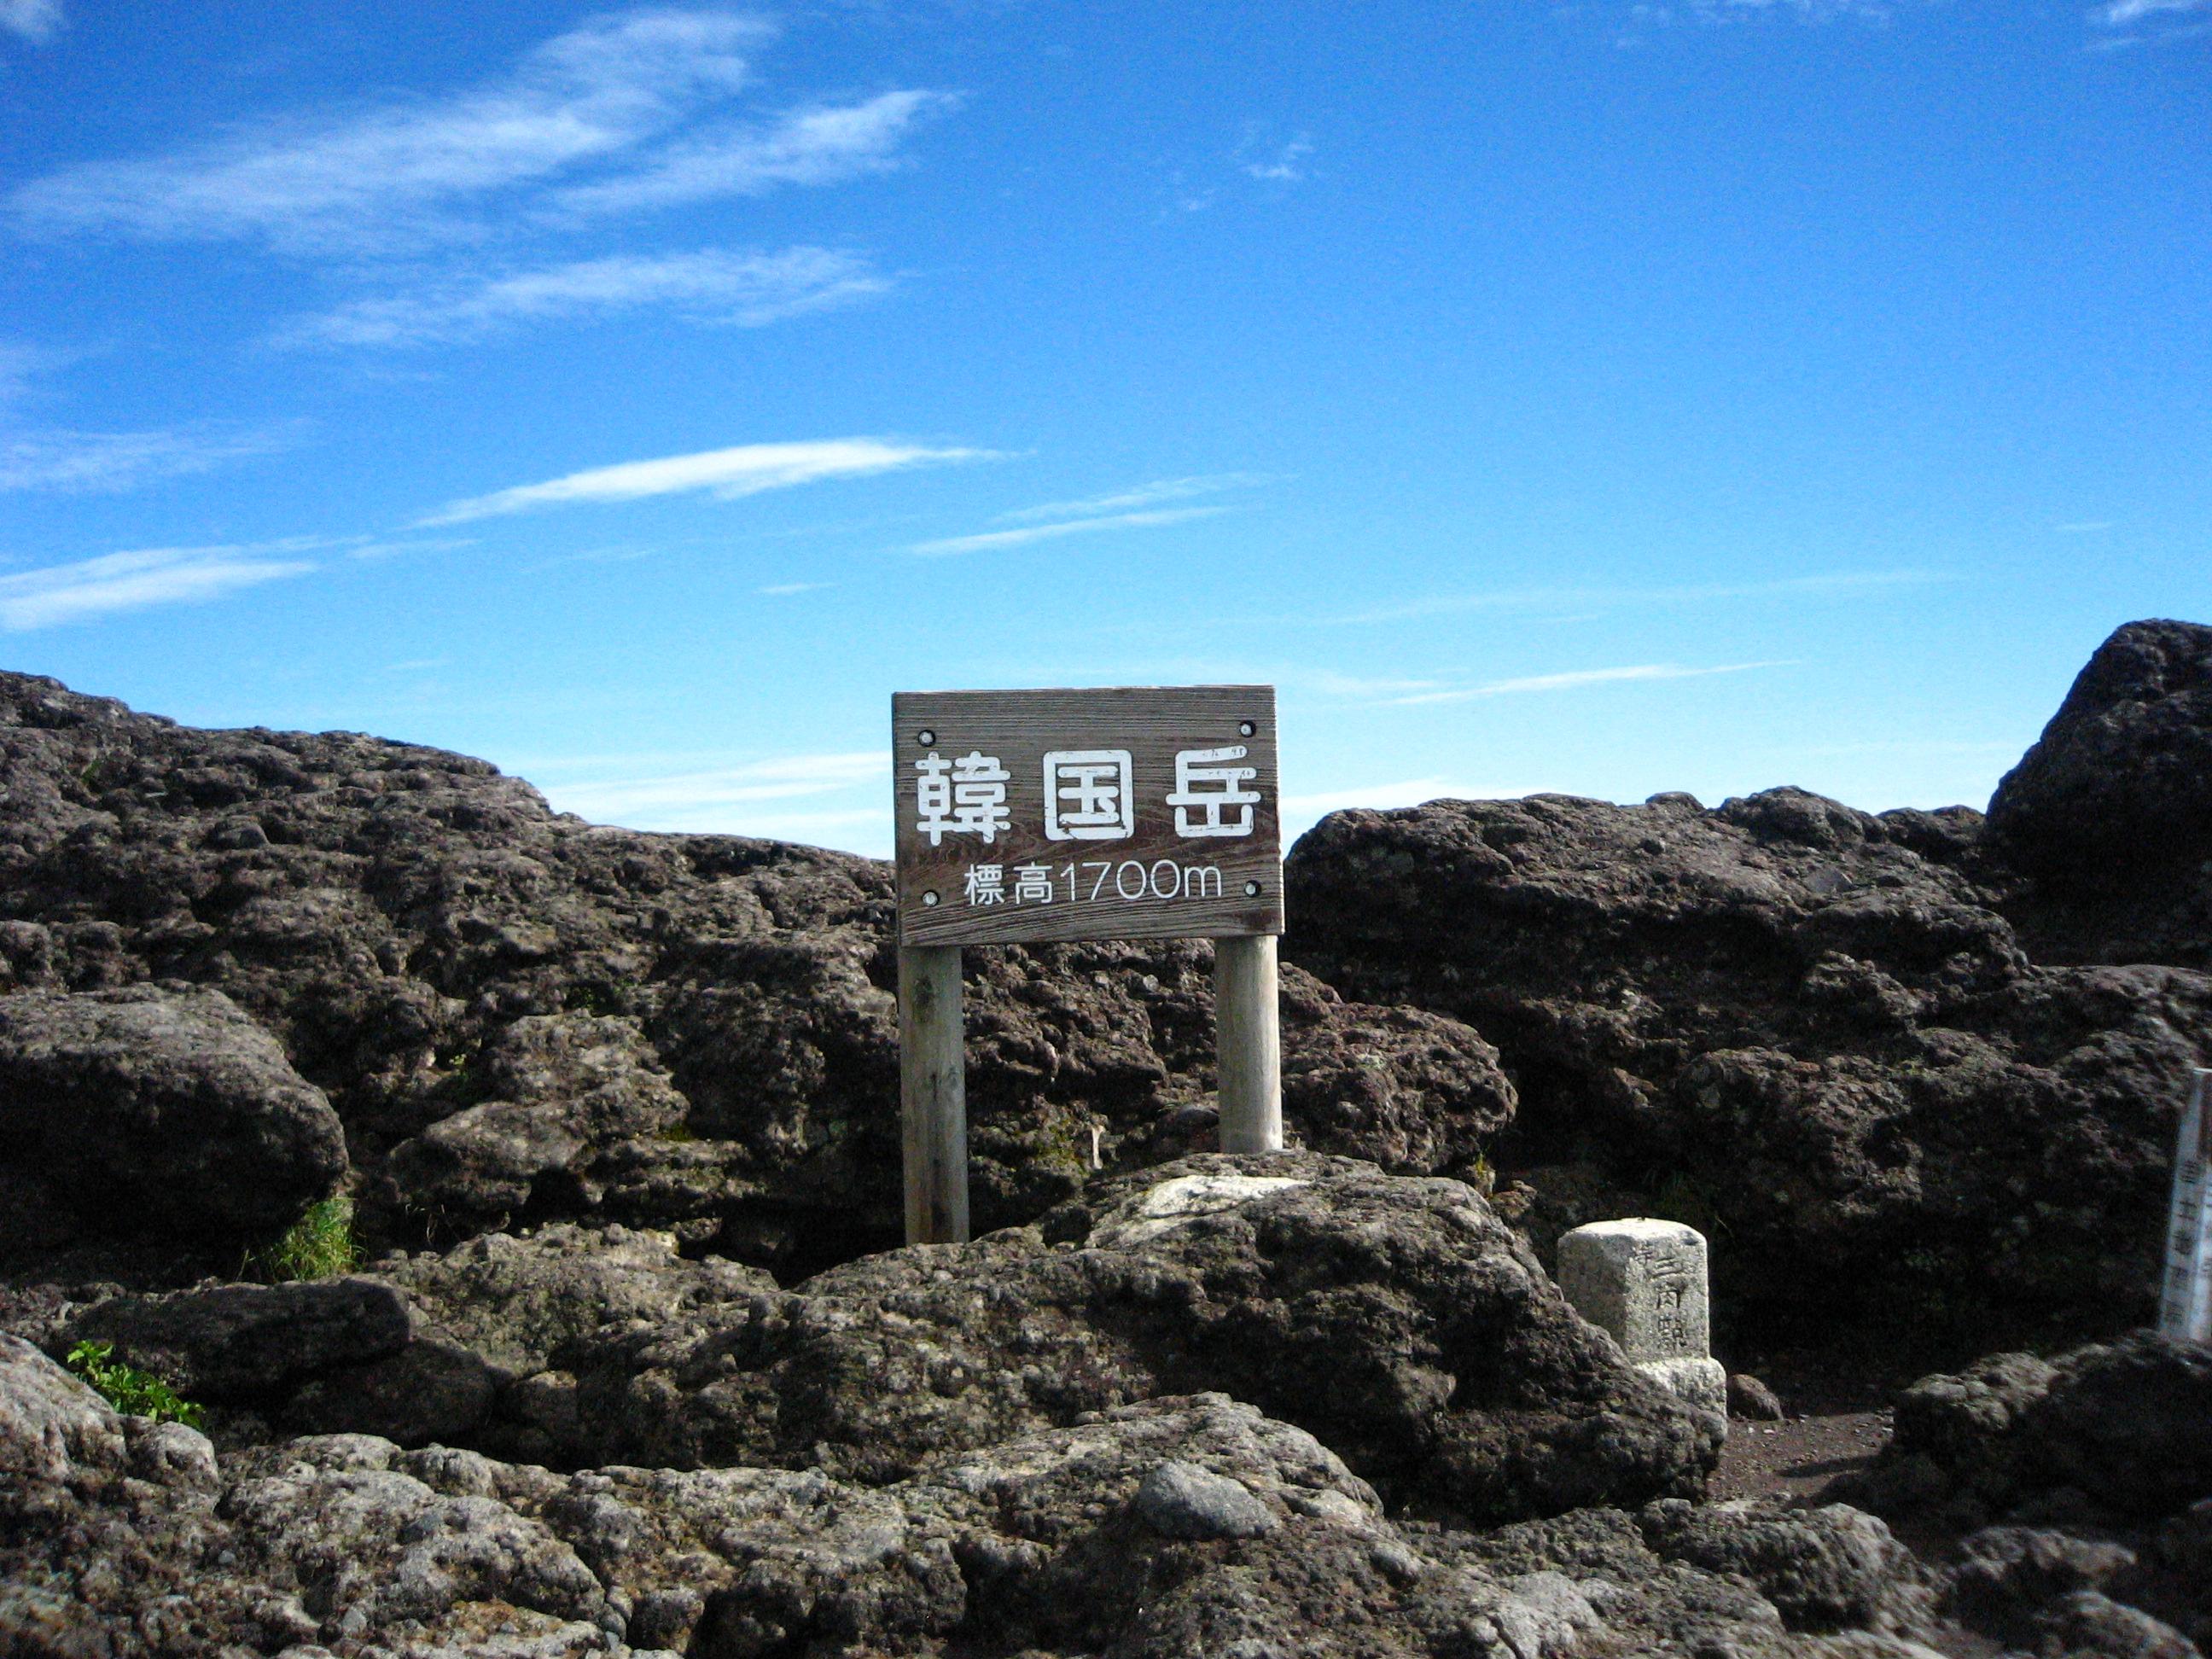 韓国岳の由来は?登山情報まとめ!初心者にピッタリなルートや登山時間は?